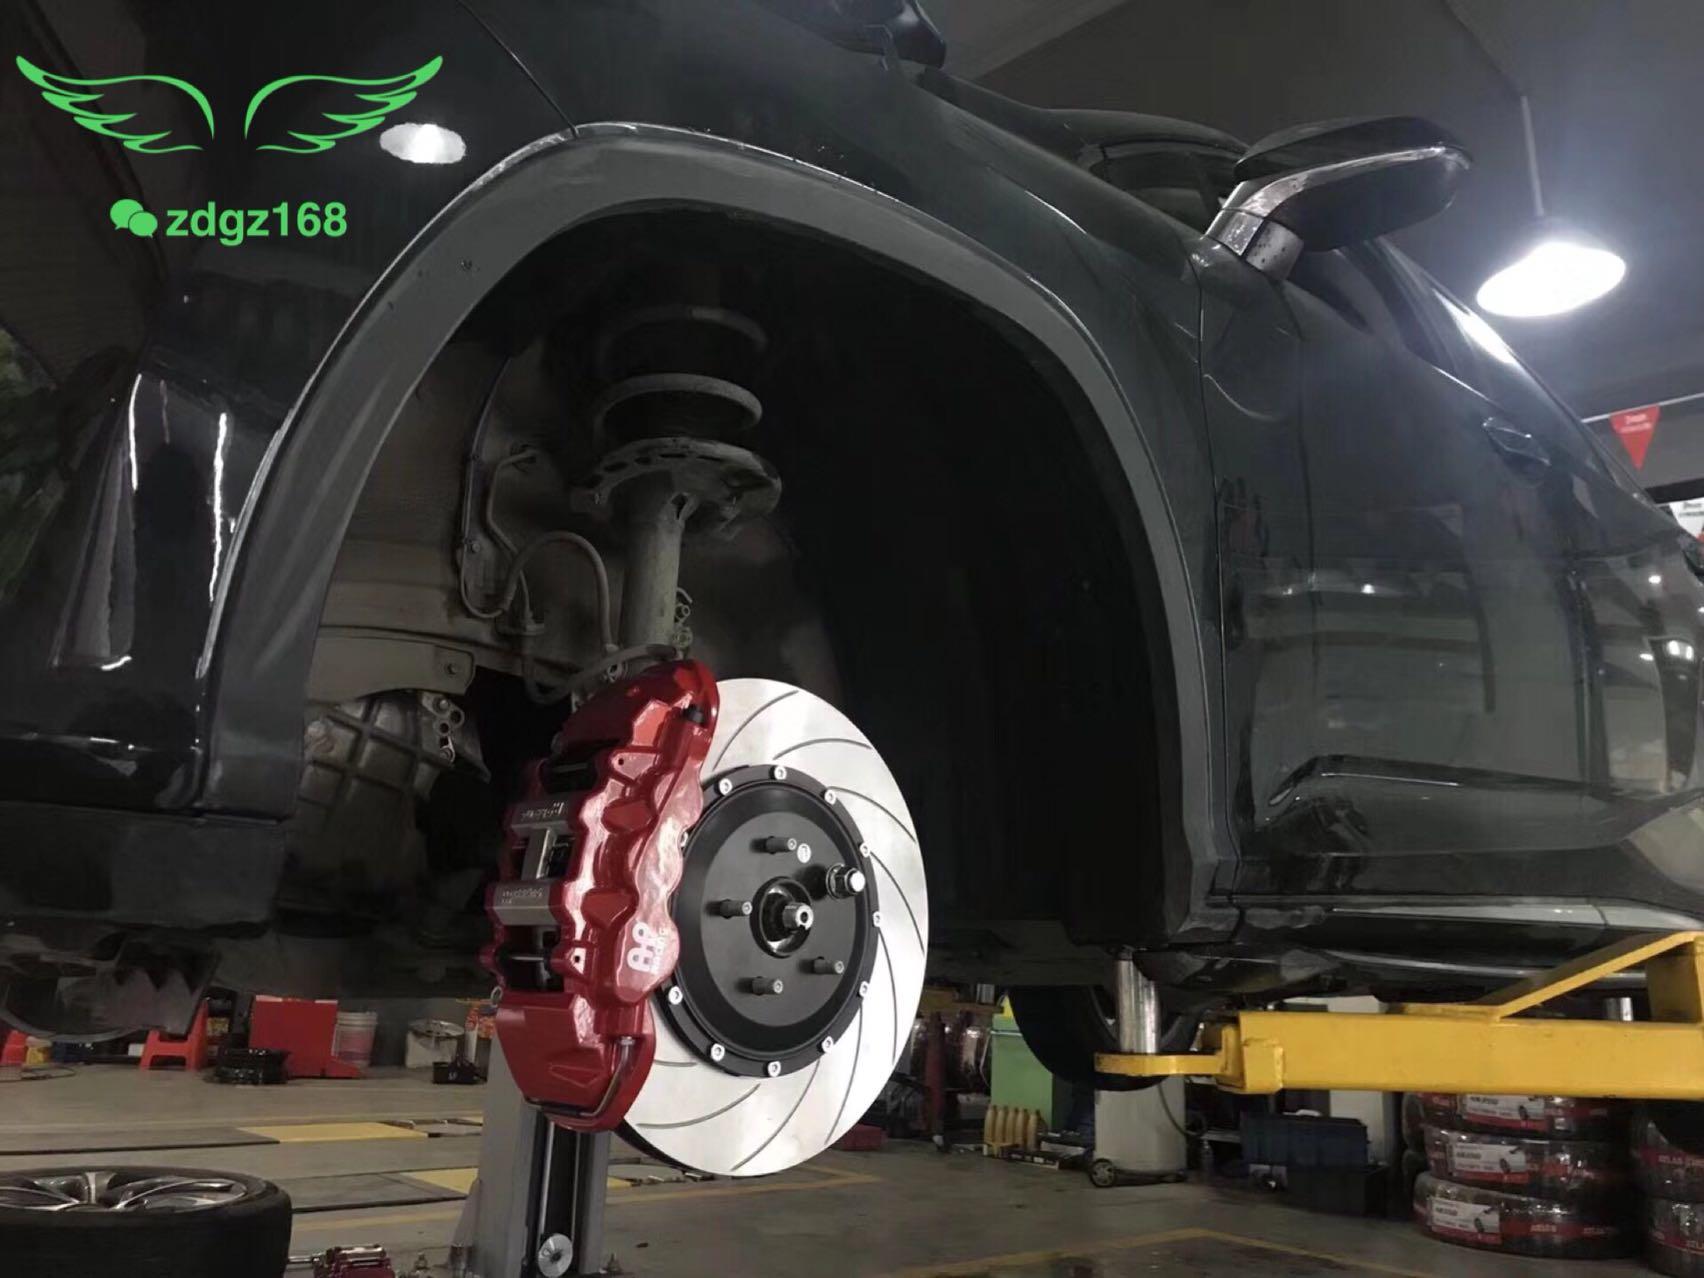 雷克萨斯Rx200刹车改装升级前轮英国??Ap8520大六活塞刹车卡钳套件、卡钳大效果灵敏!